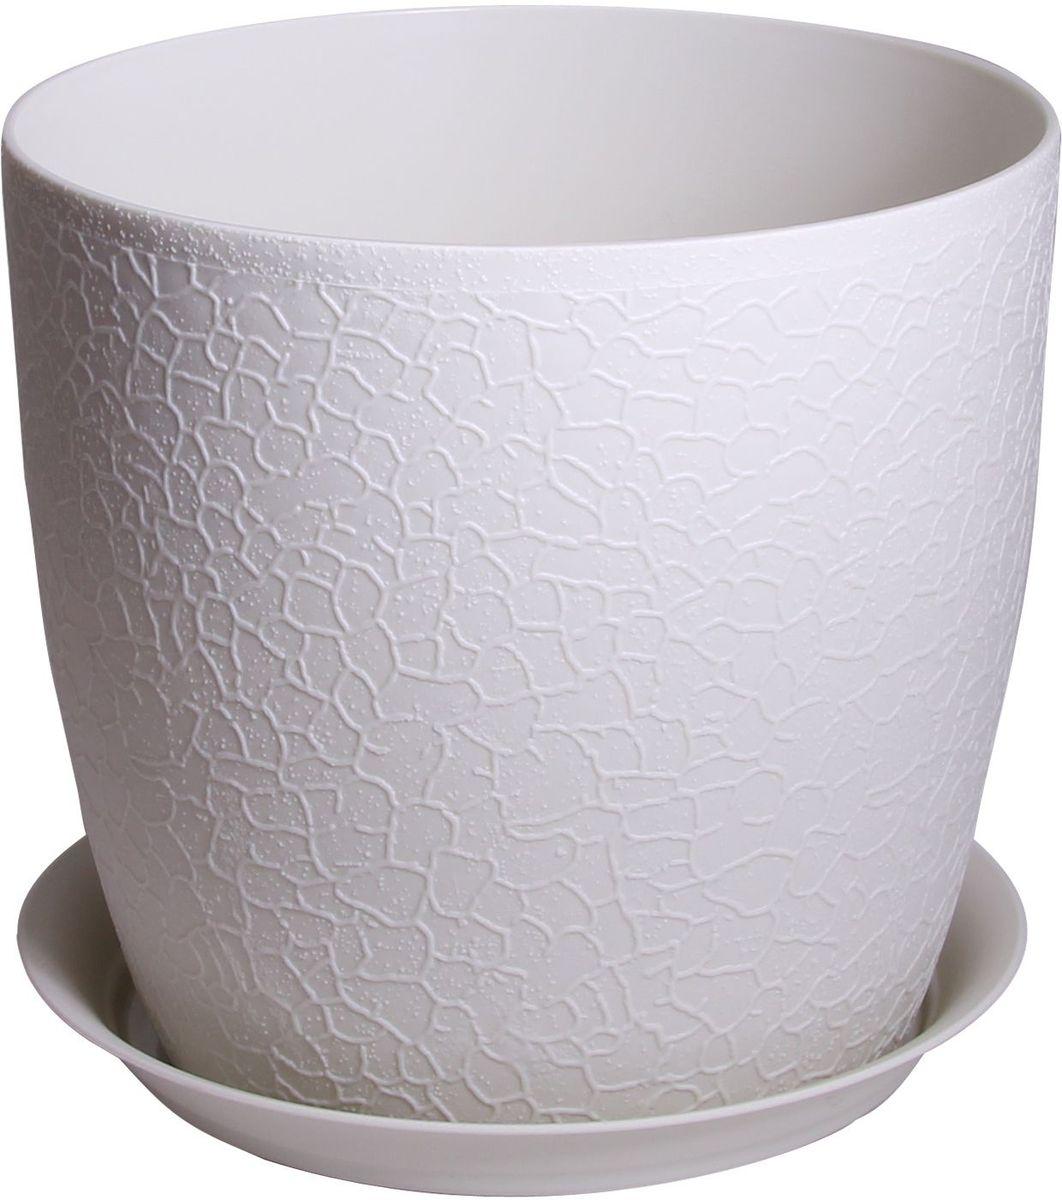 Кашпо Idea Верона, с подставкой, цвет: белый, диаметр 18 смМ 3097Кашпо Idea Верона изготовлено из полипропилена (пластика). Специальная подставка предназначена для стока воды. Изделие прекрасно подходит для выращивания растений и цветов в домашних условиях.Диаметр кашпо: 18 см.Высота кашпо: 16,1 см.